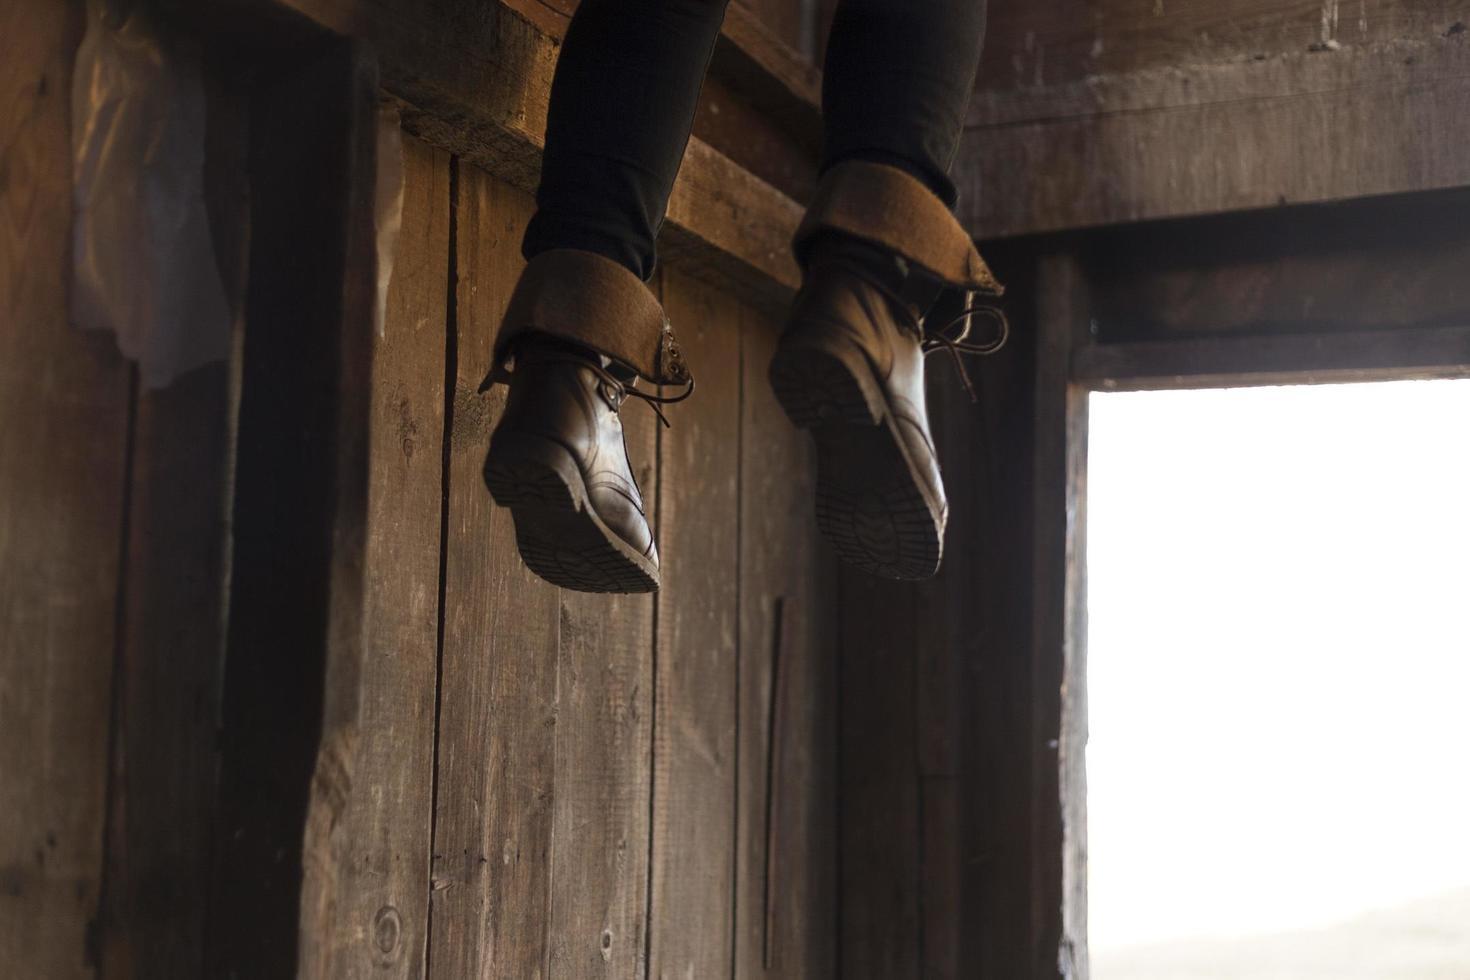 personne balançant ses pieds dans une grange photo